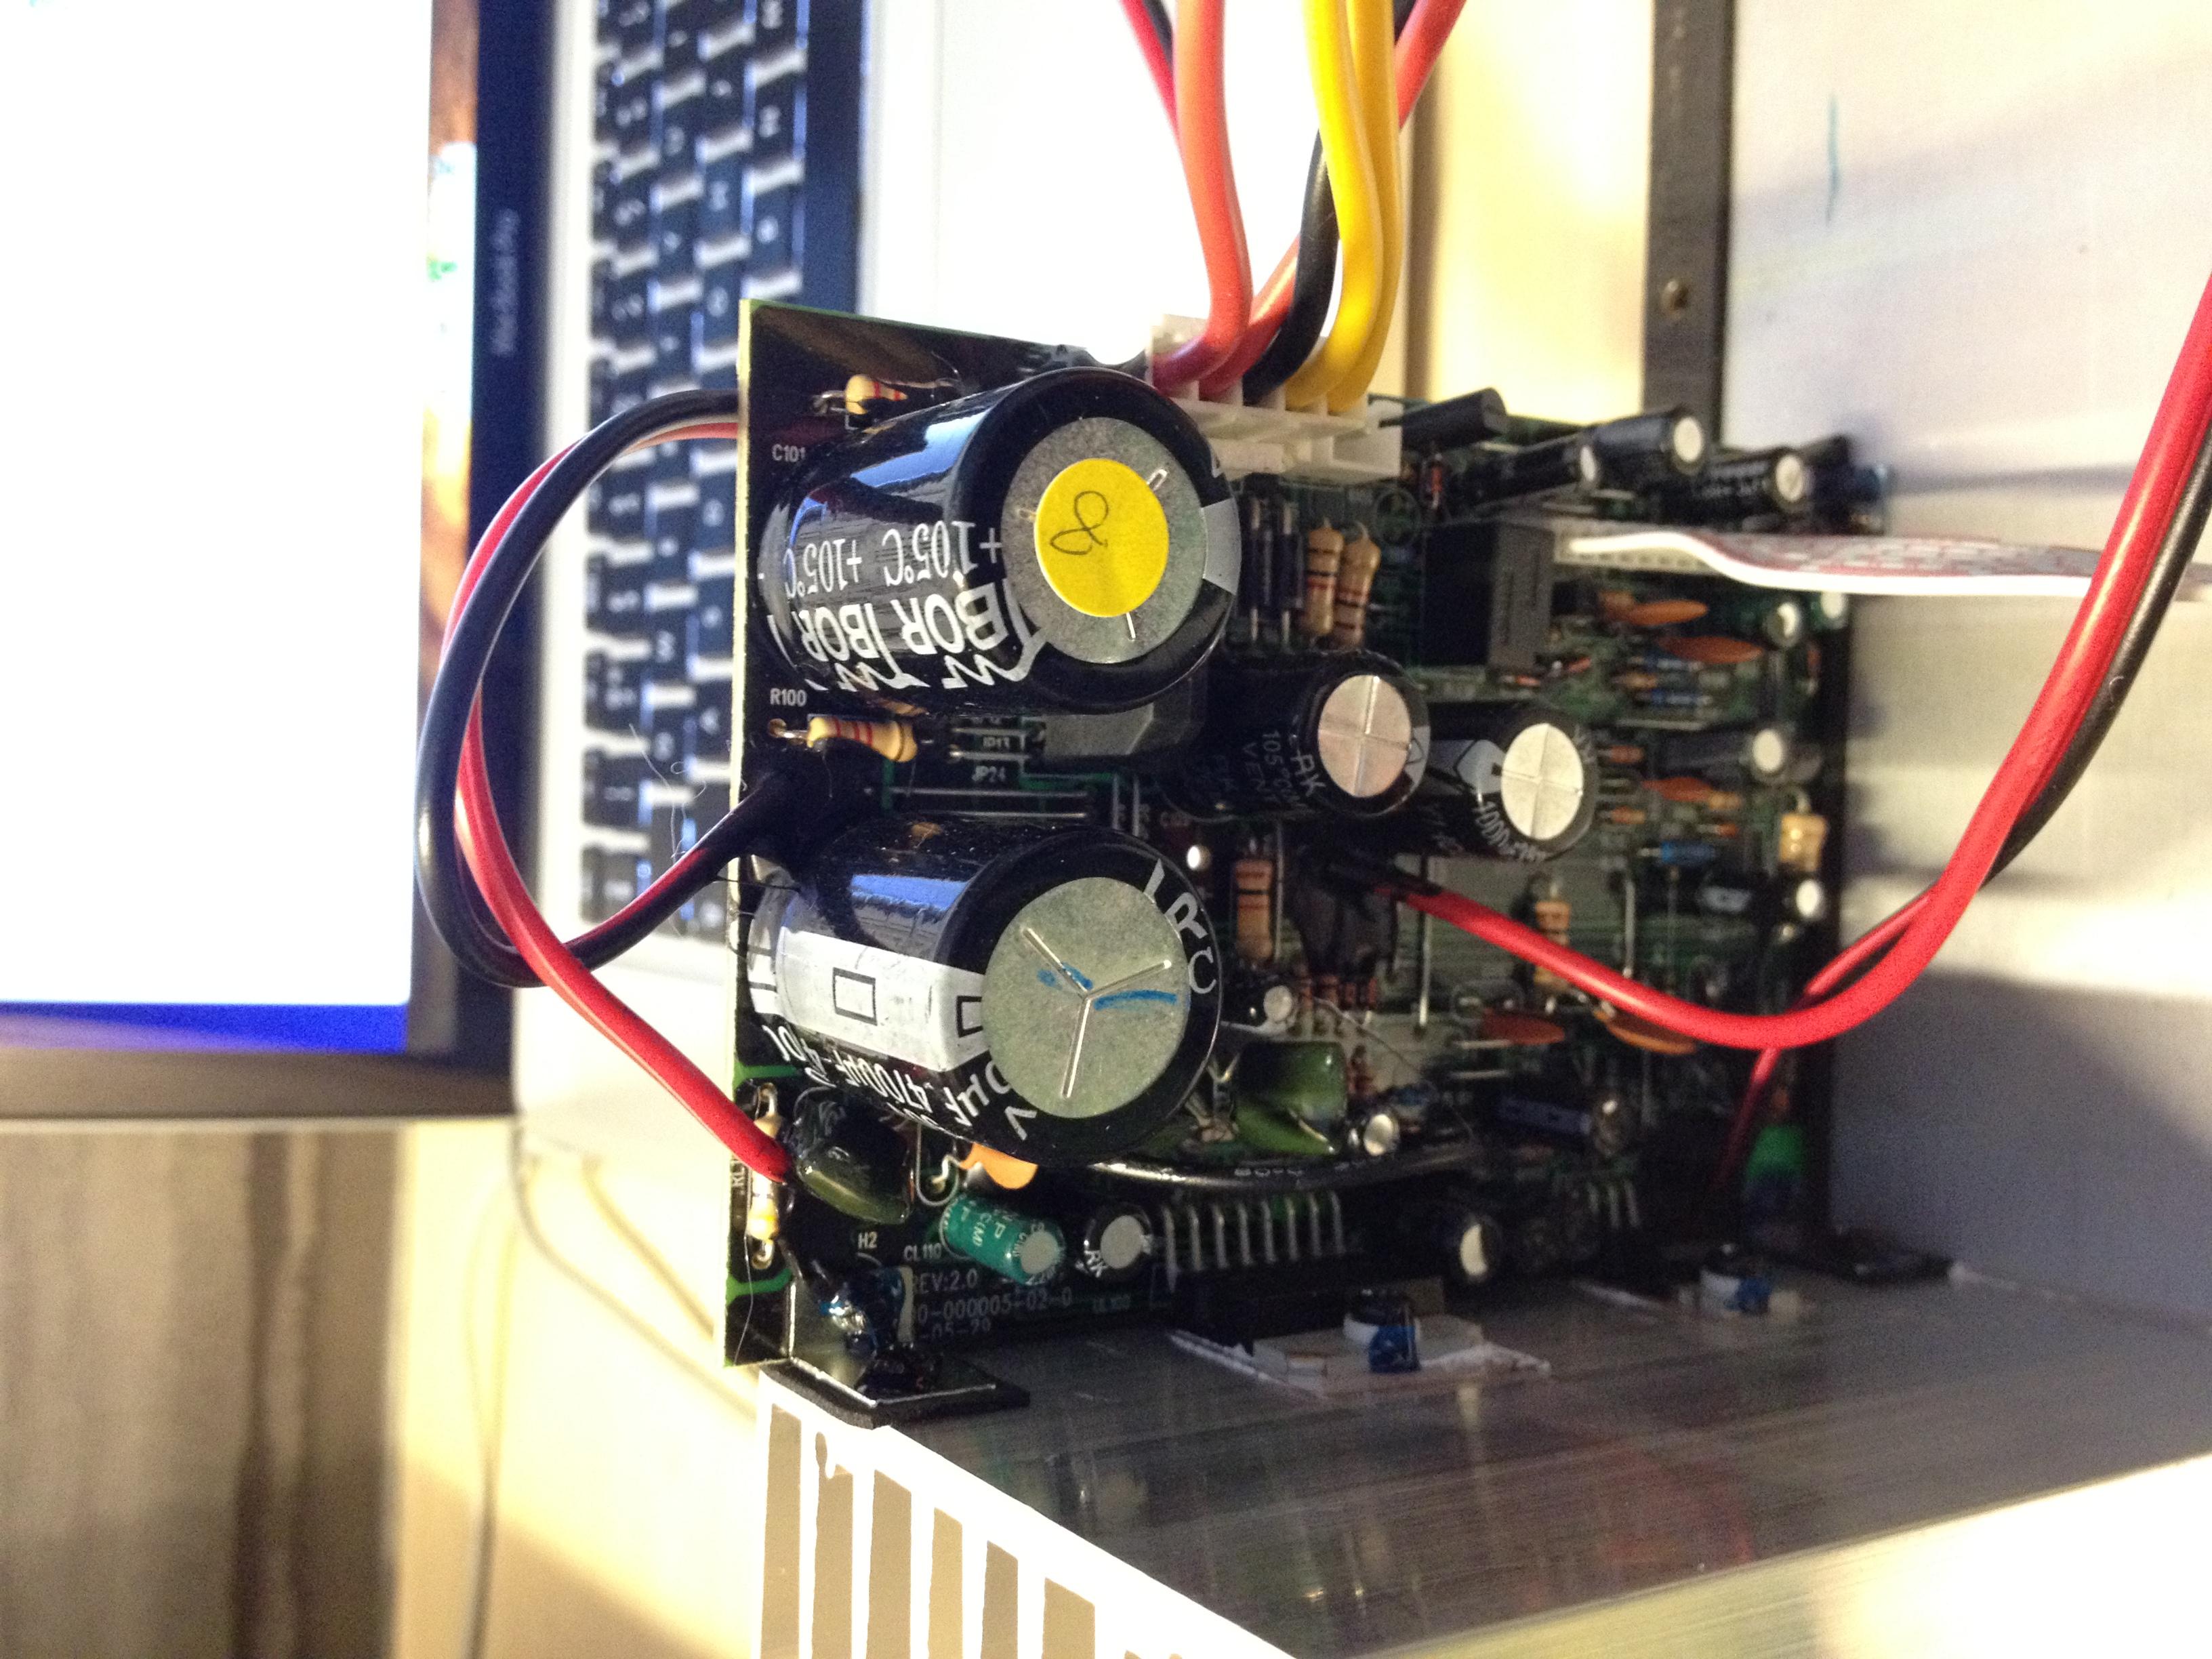 303010d1343669457 krk rokit rp8 g2 hf amp repair img_0574 krk rokit rp8 g2 hf amp repair gearslutz pro audio community KRK Rokit 8 at eliteediting.co